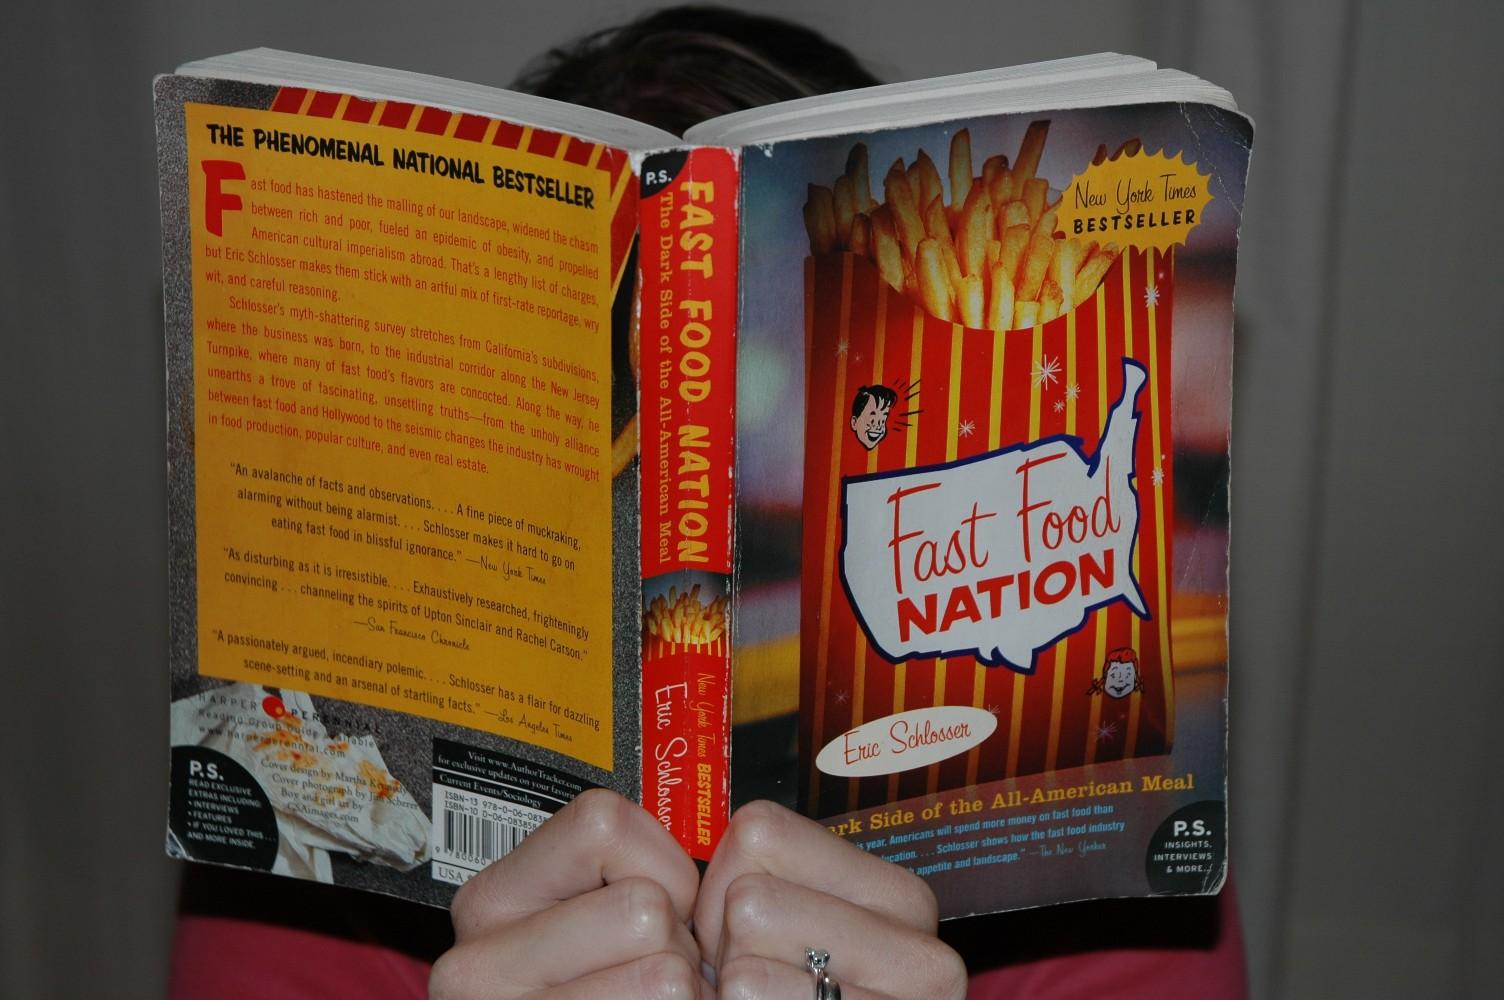 Fast food nation essays